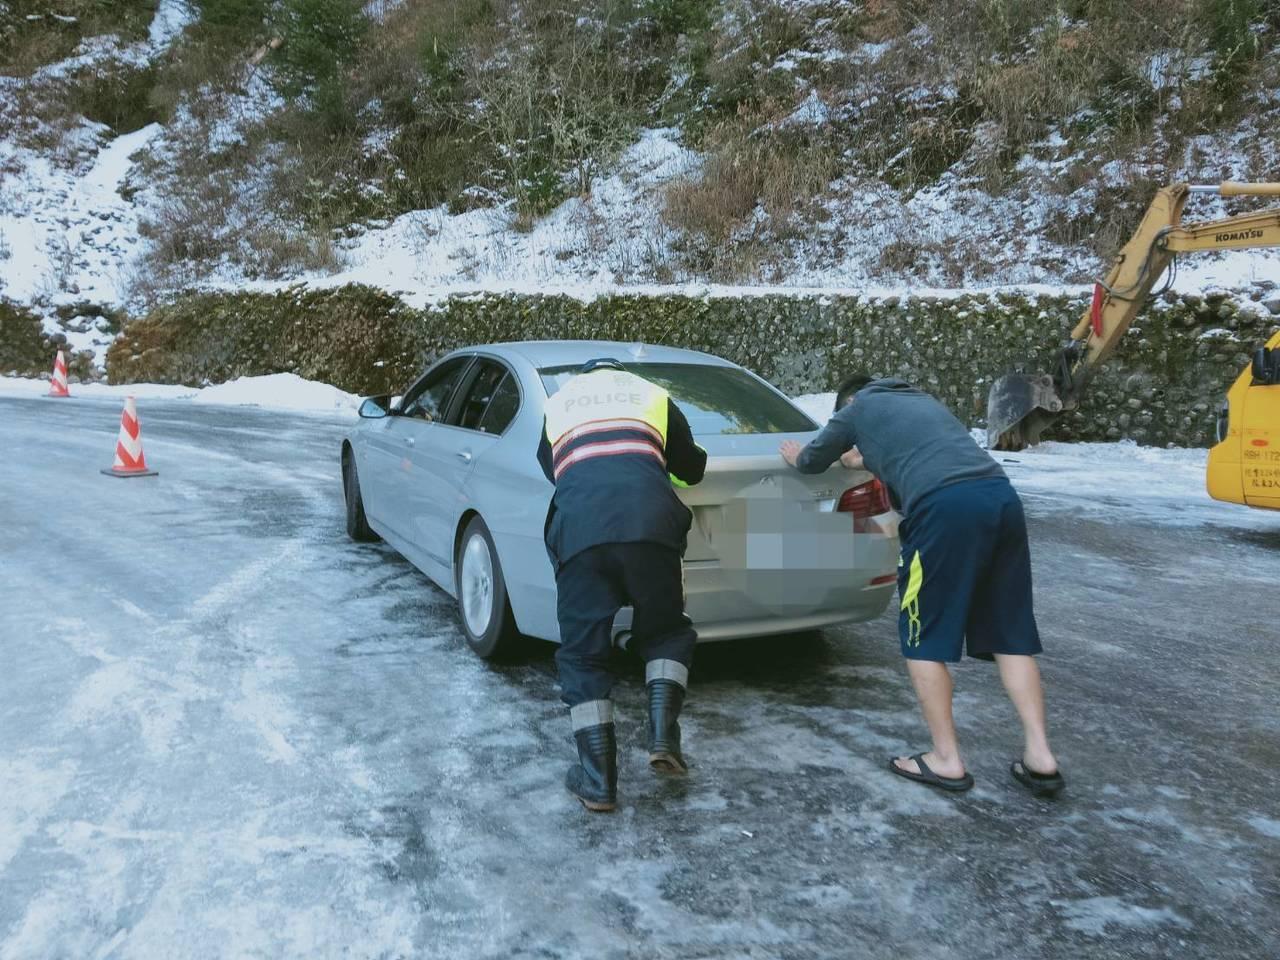 台14甲線落鷹山莊下坡路段,因融冰未退,今天有多輛汽機車打滑,警方推車協助脫困。...